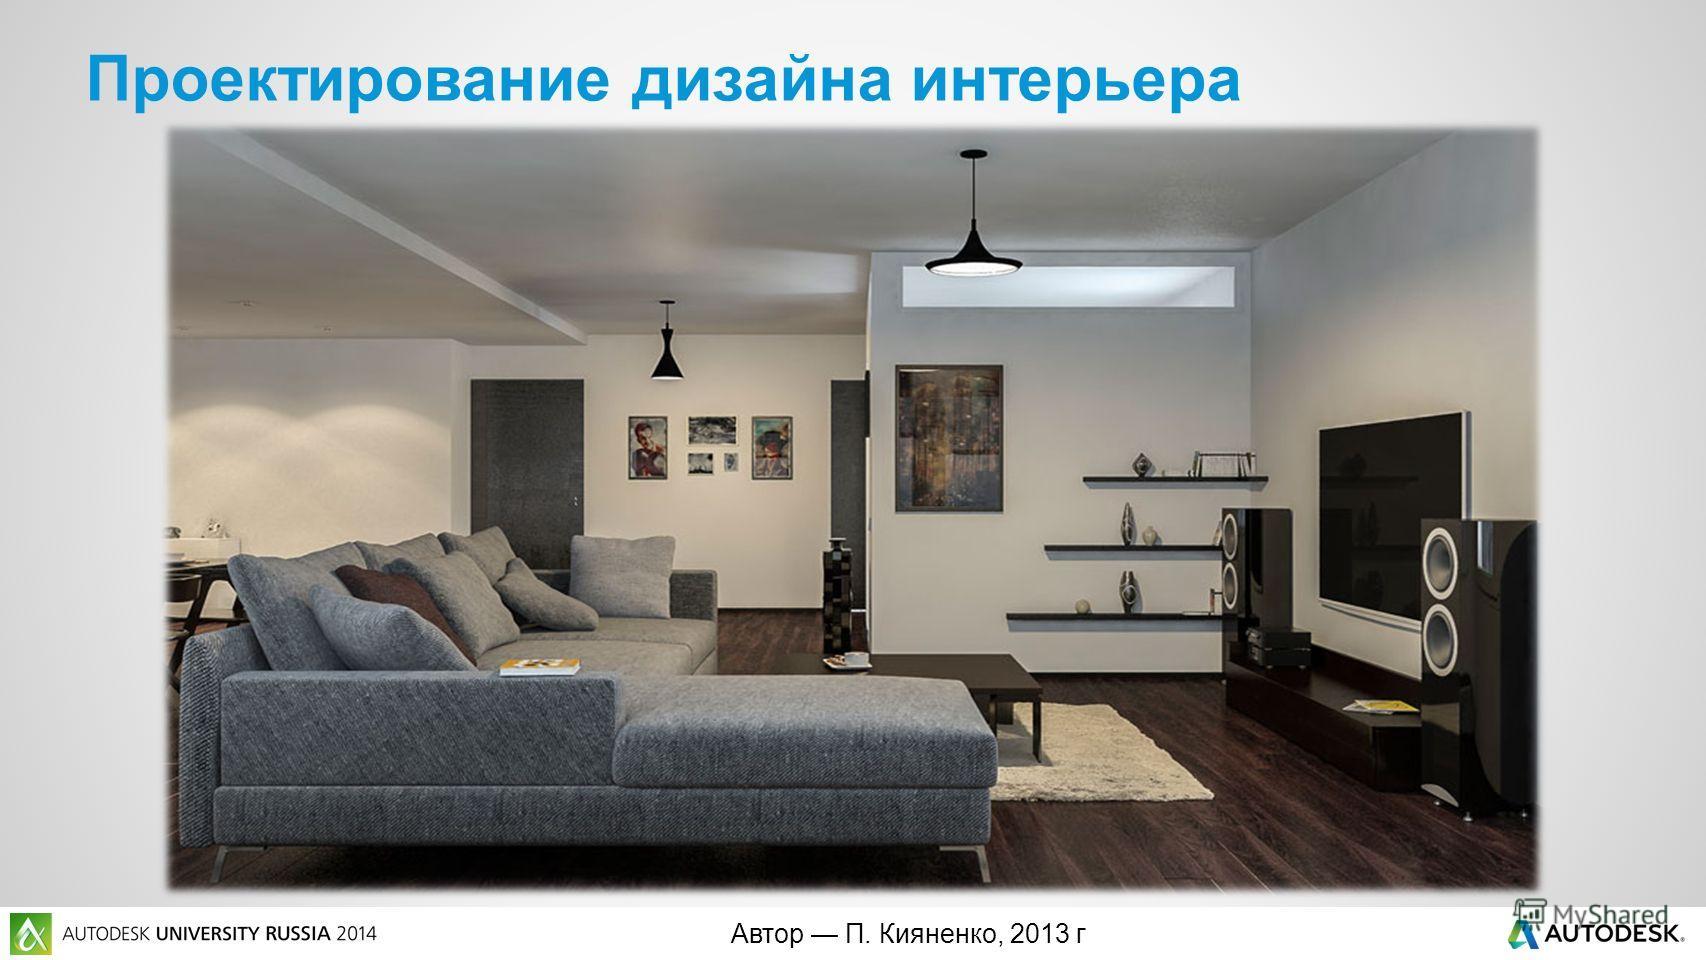 Автор П. Кияненко, 2013 г Проектирование дизайна интерьера